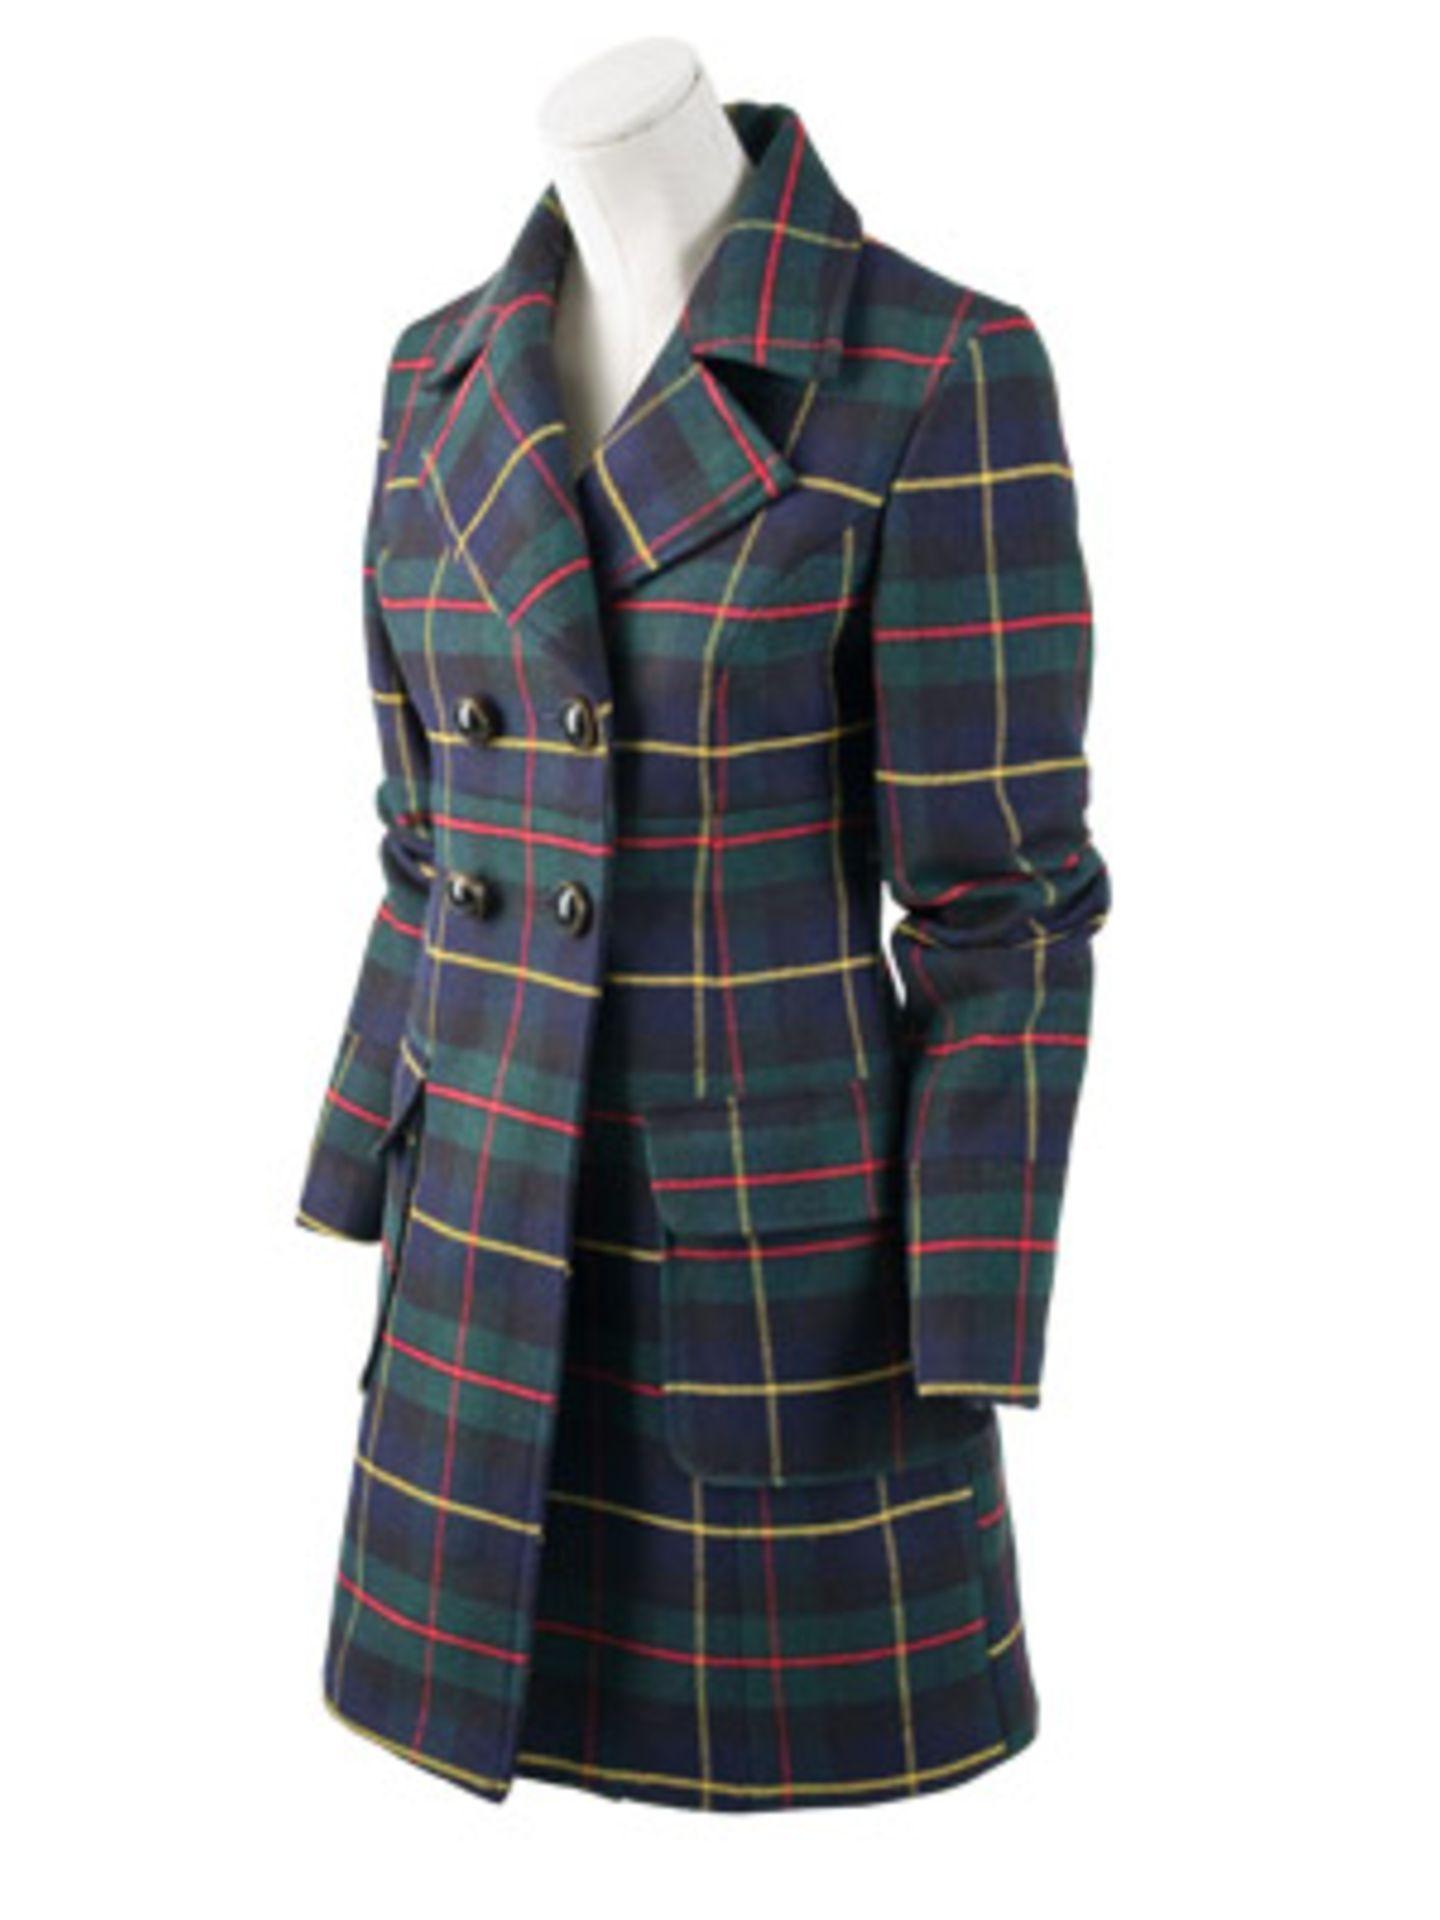 Karierter Zweireiher im englischen Stil von Zara, ca. 80 Euro.